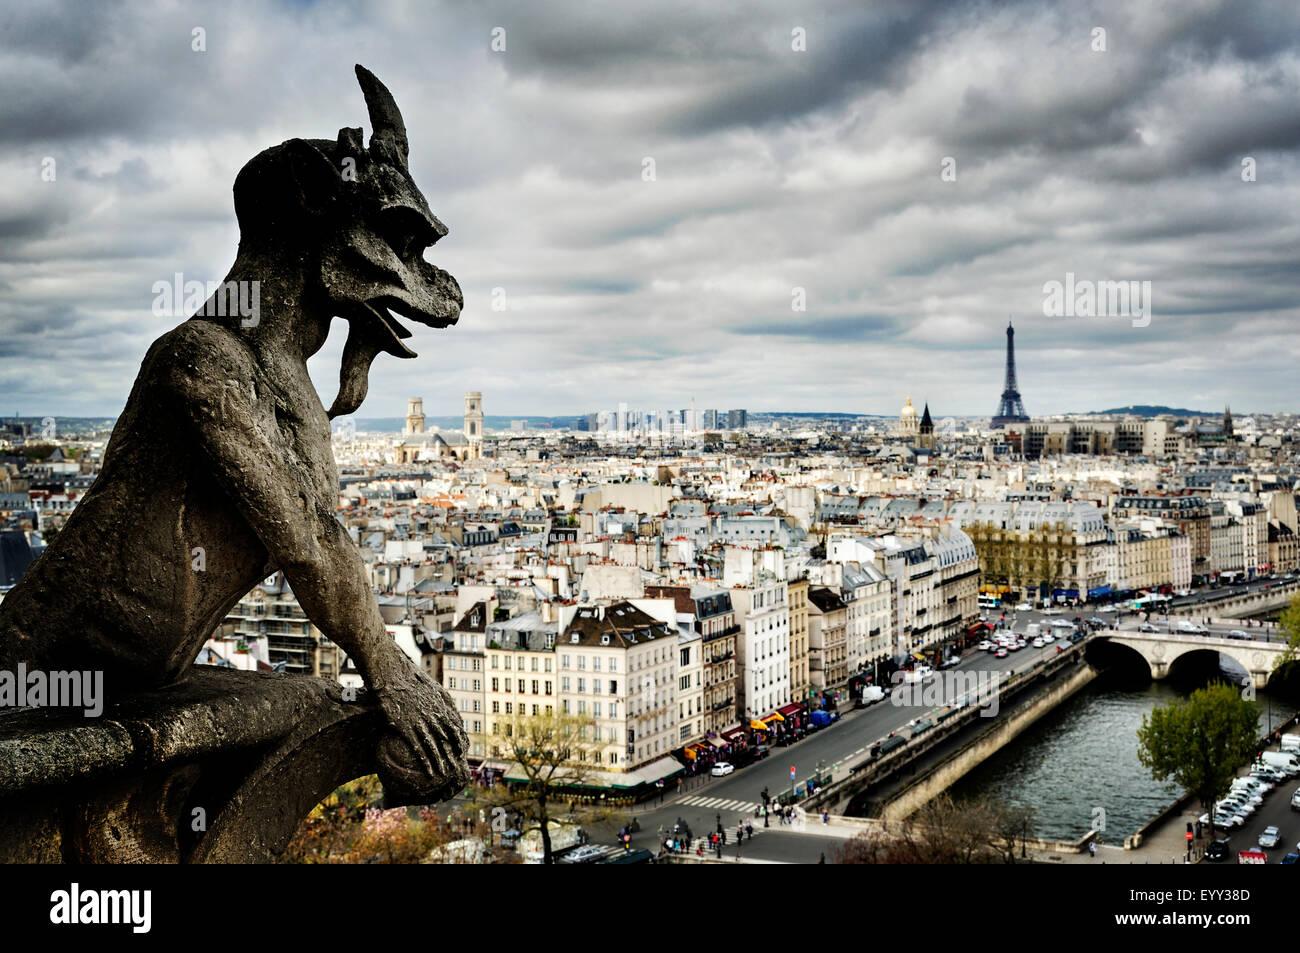 Gárgola escultura en el paisaje urbano de París, Ile-de-France, Francia Imagen De Stock